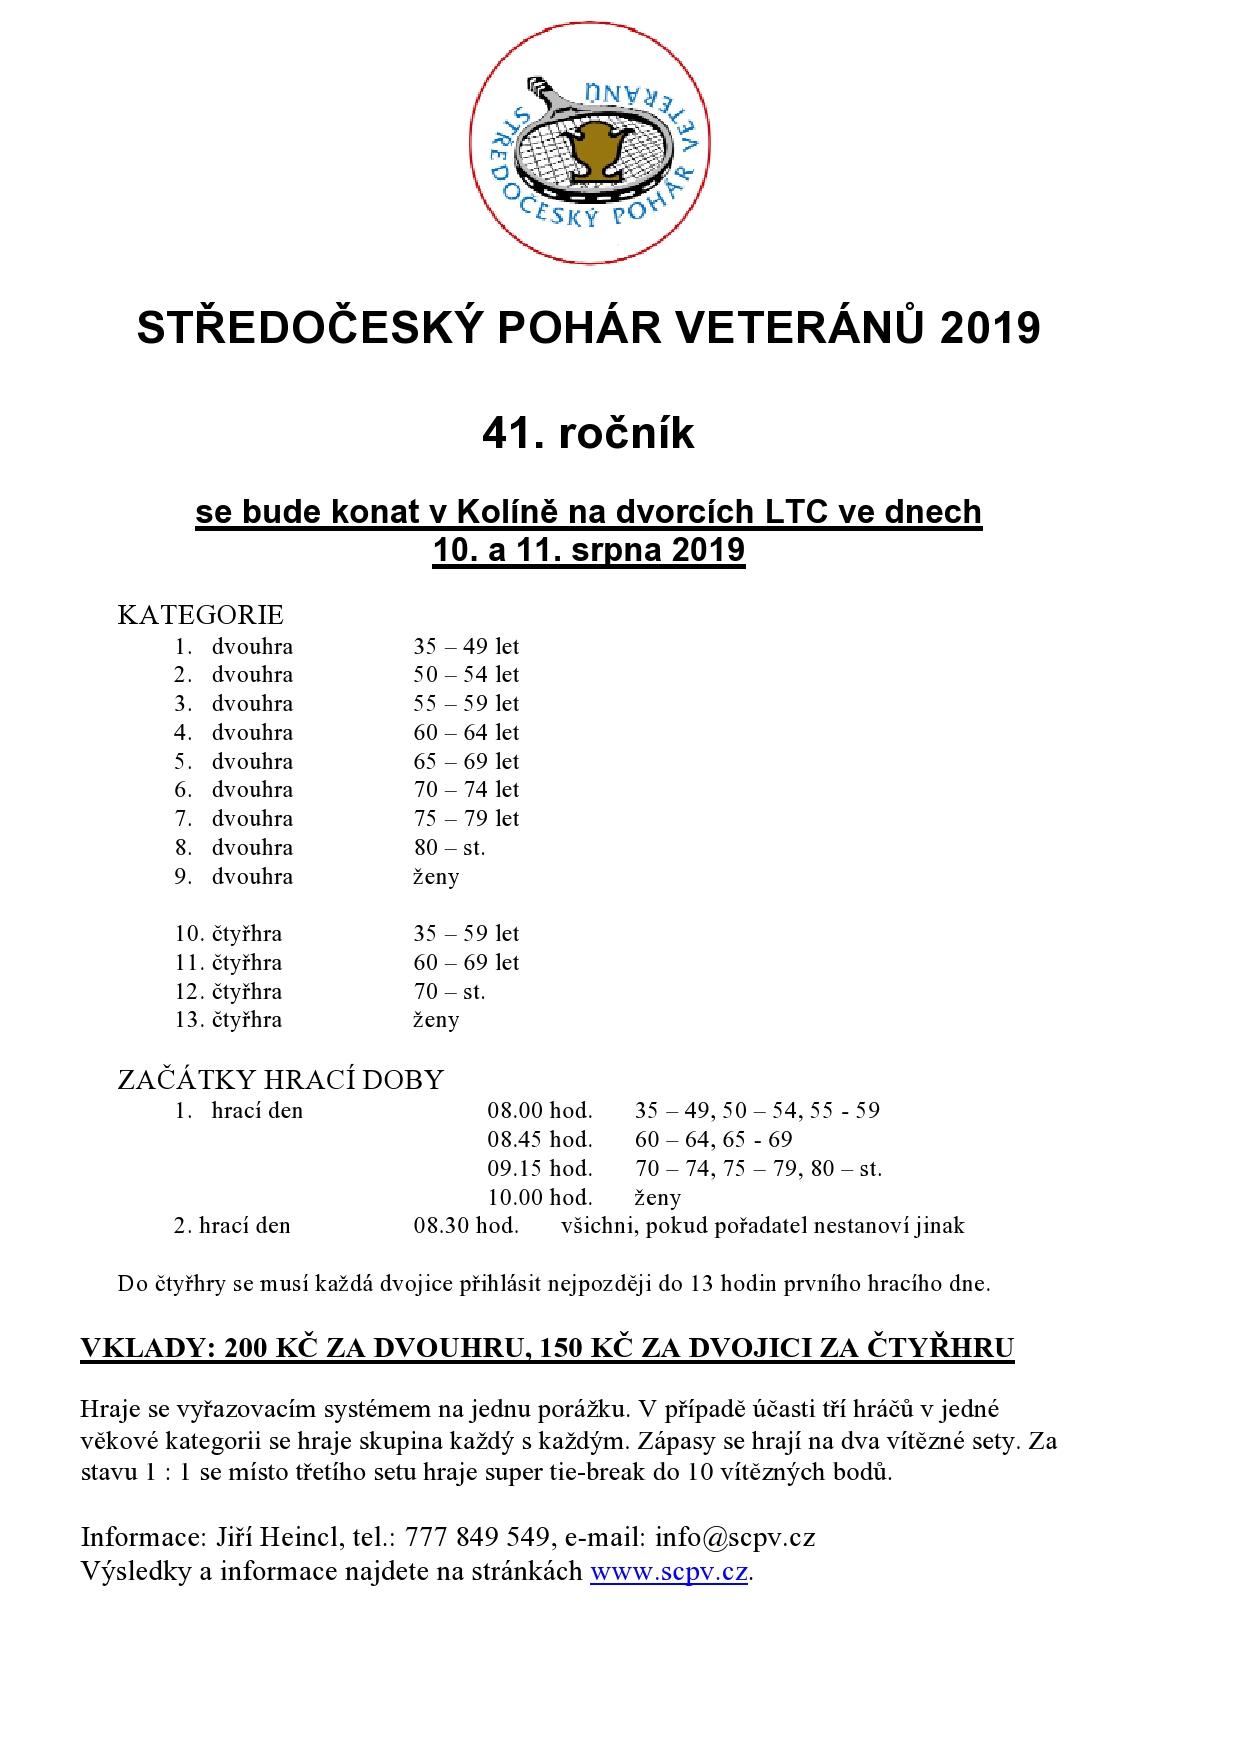 Středočeský pohár veteránů